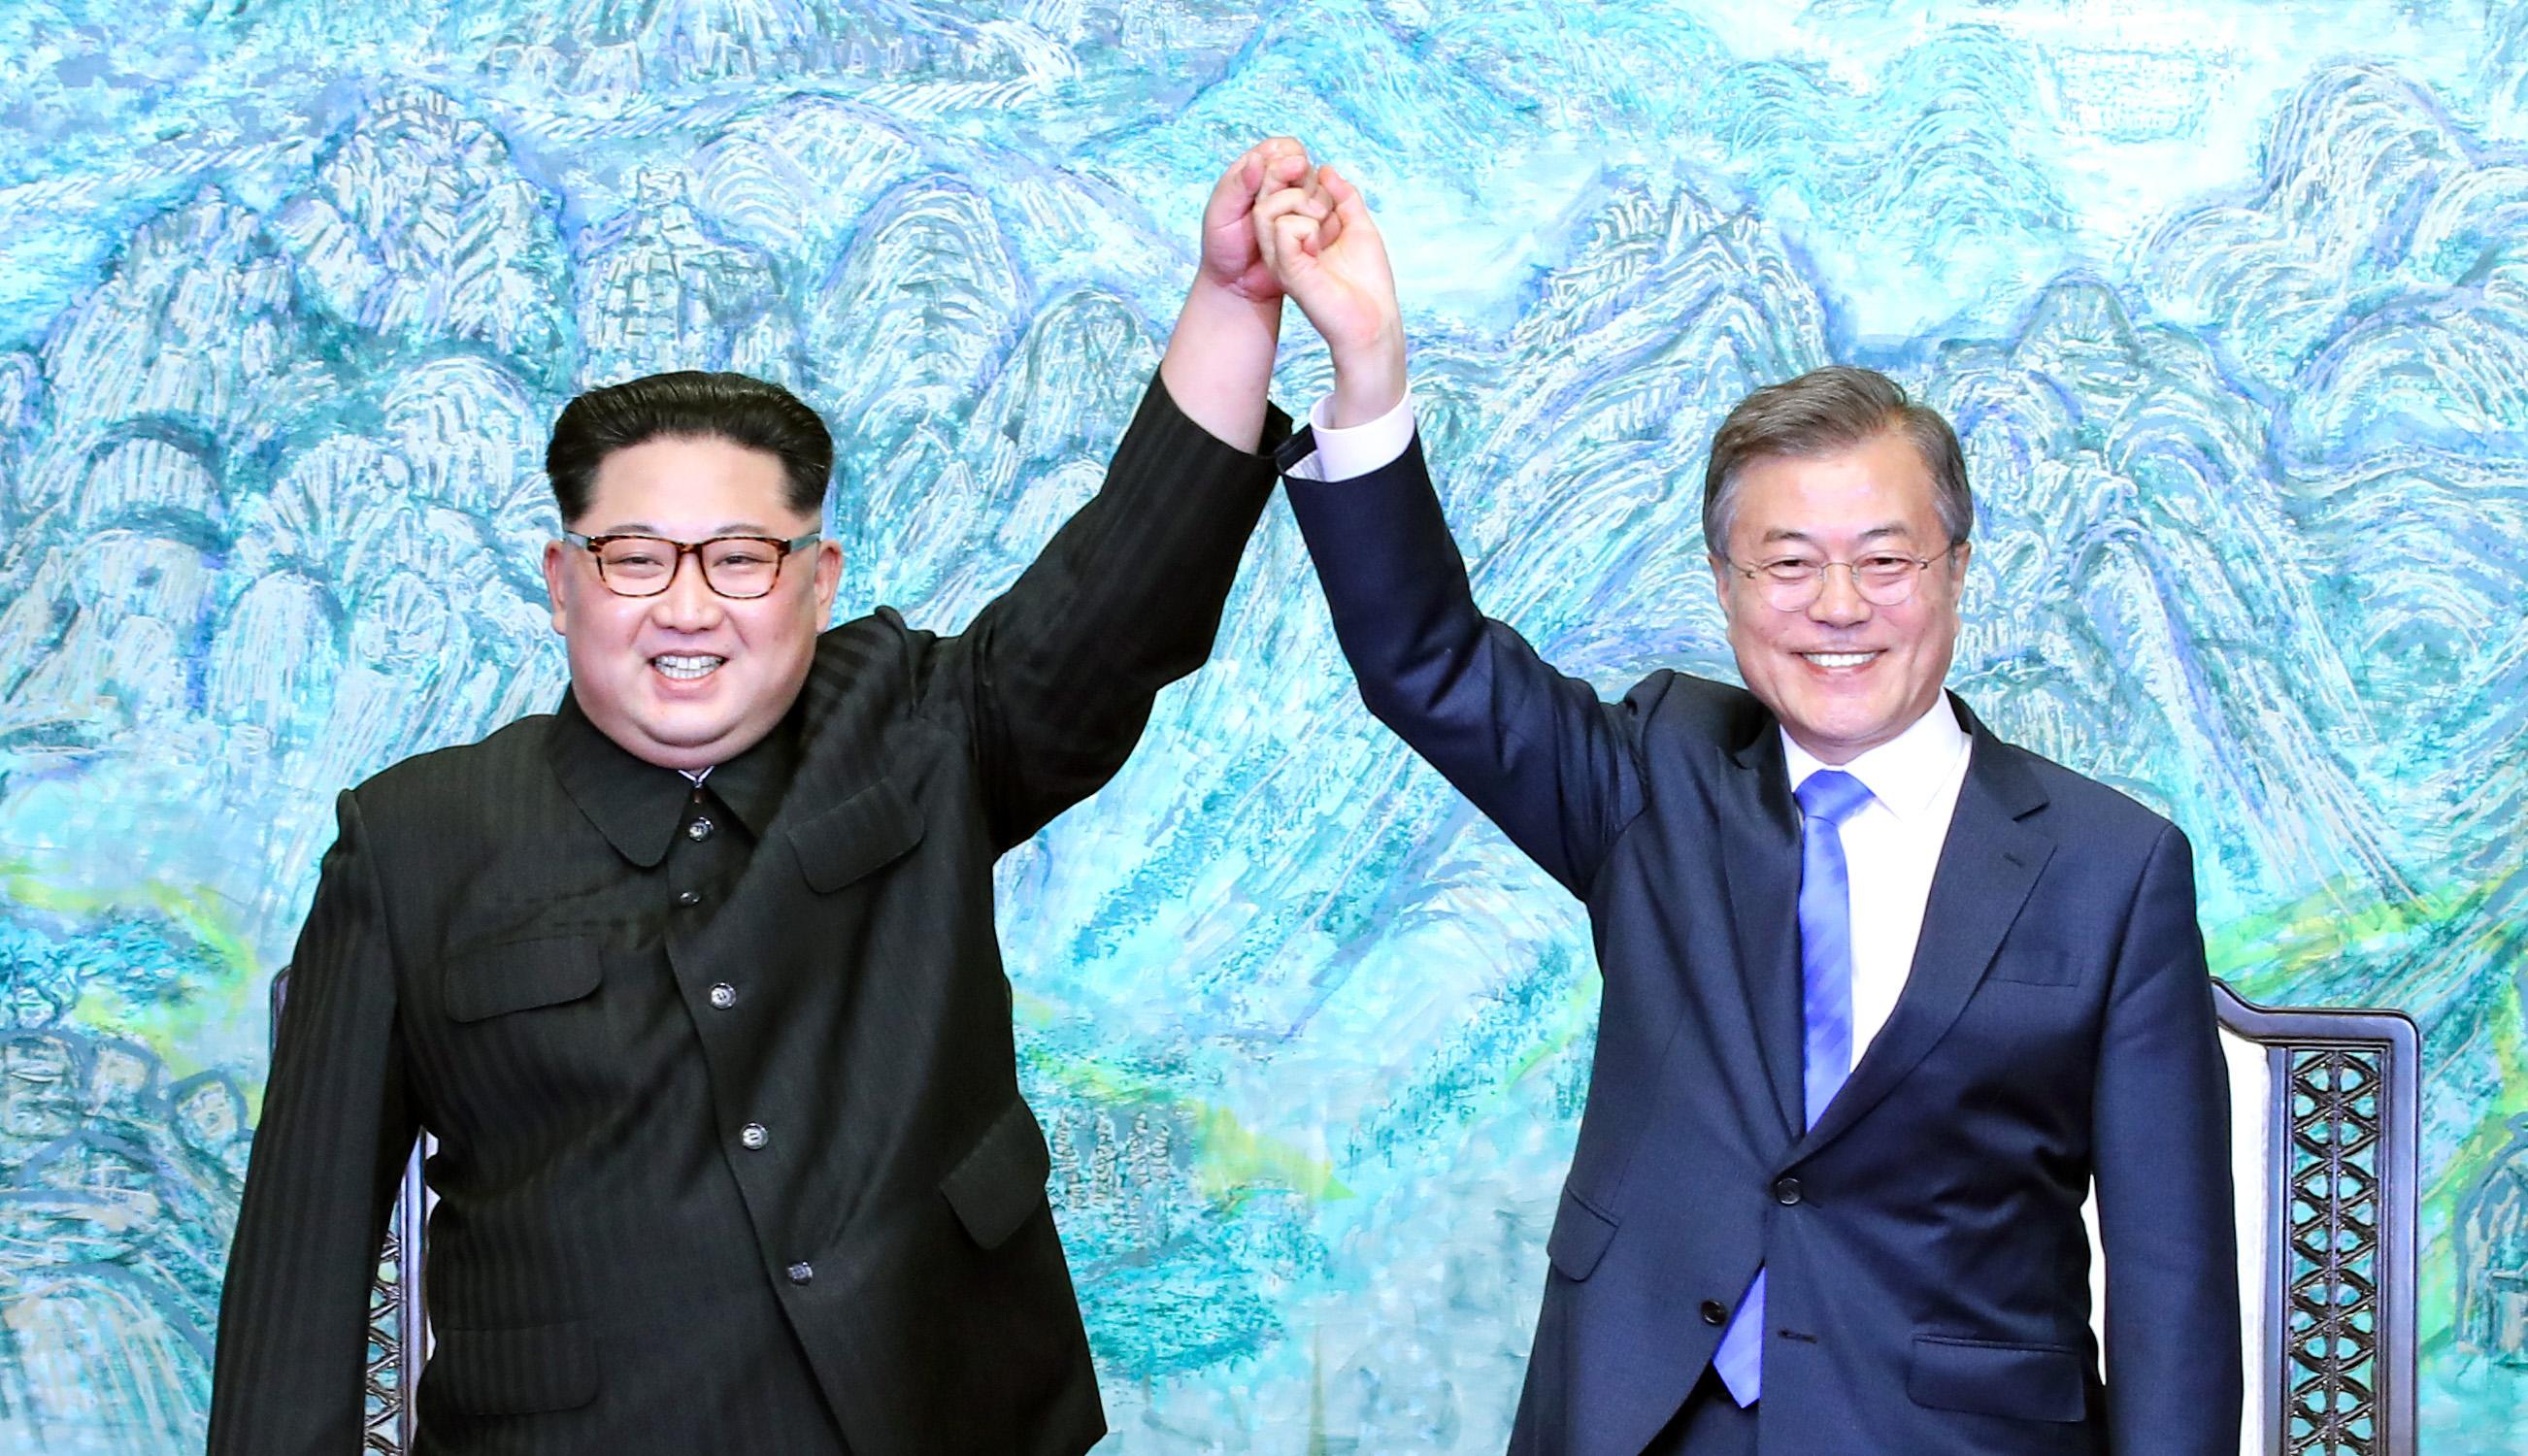 Familias de Corea del Norte y del Sur pudieron reunirse luego de 65 años